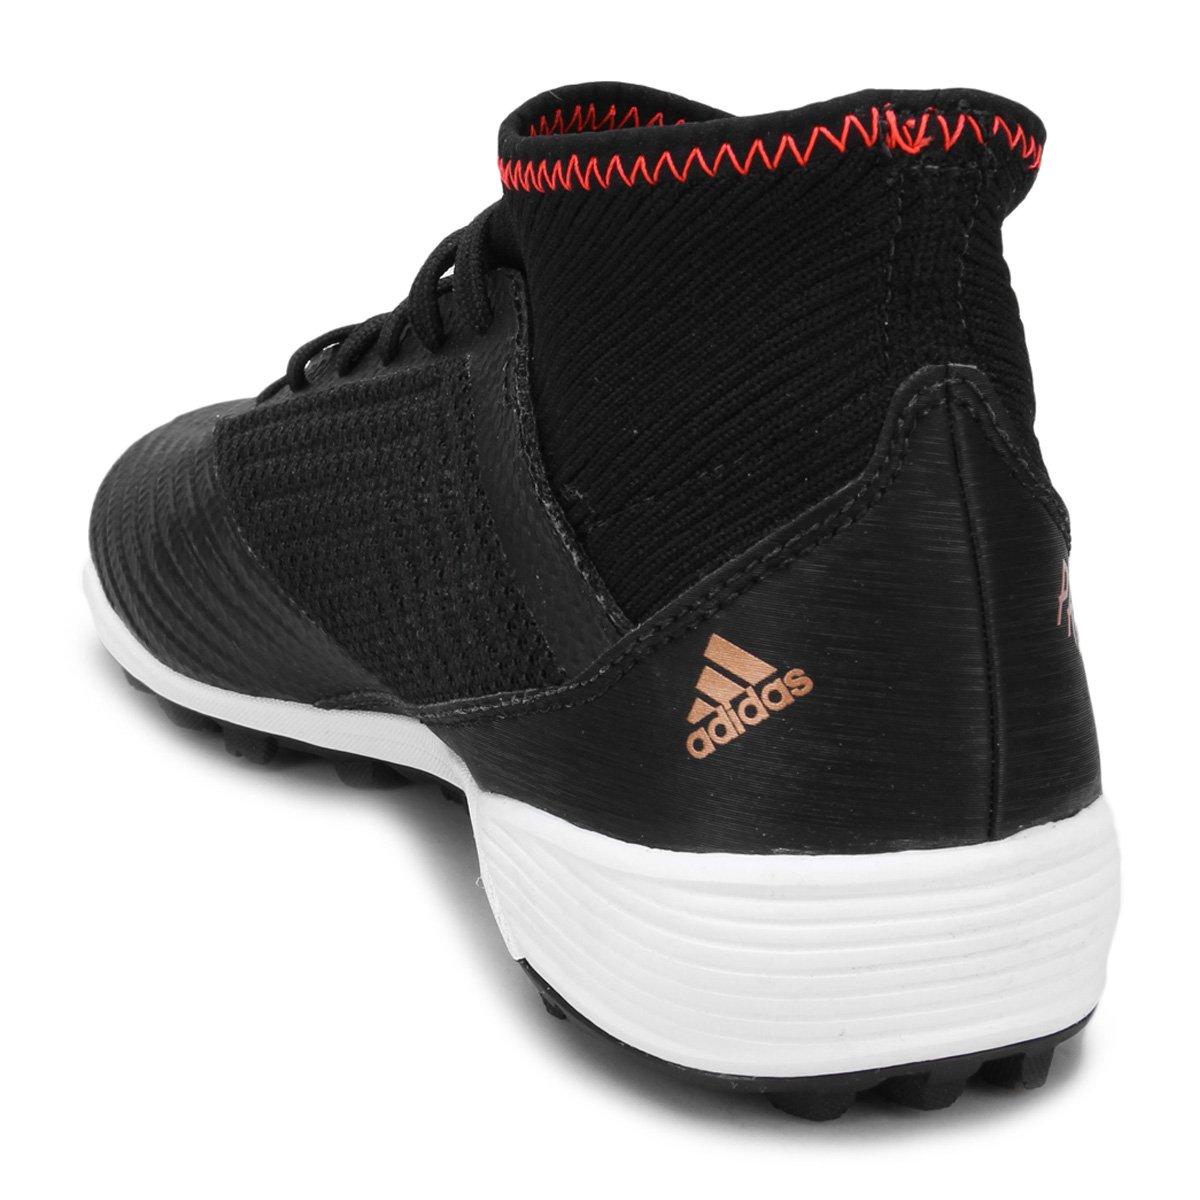 Chuteira Society Adidas Predator 18 3 TF Masculina - Compre Agora ... 74e4bcb09b0bd